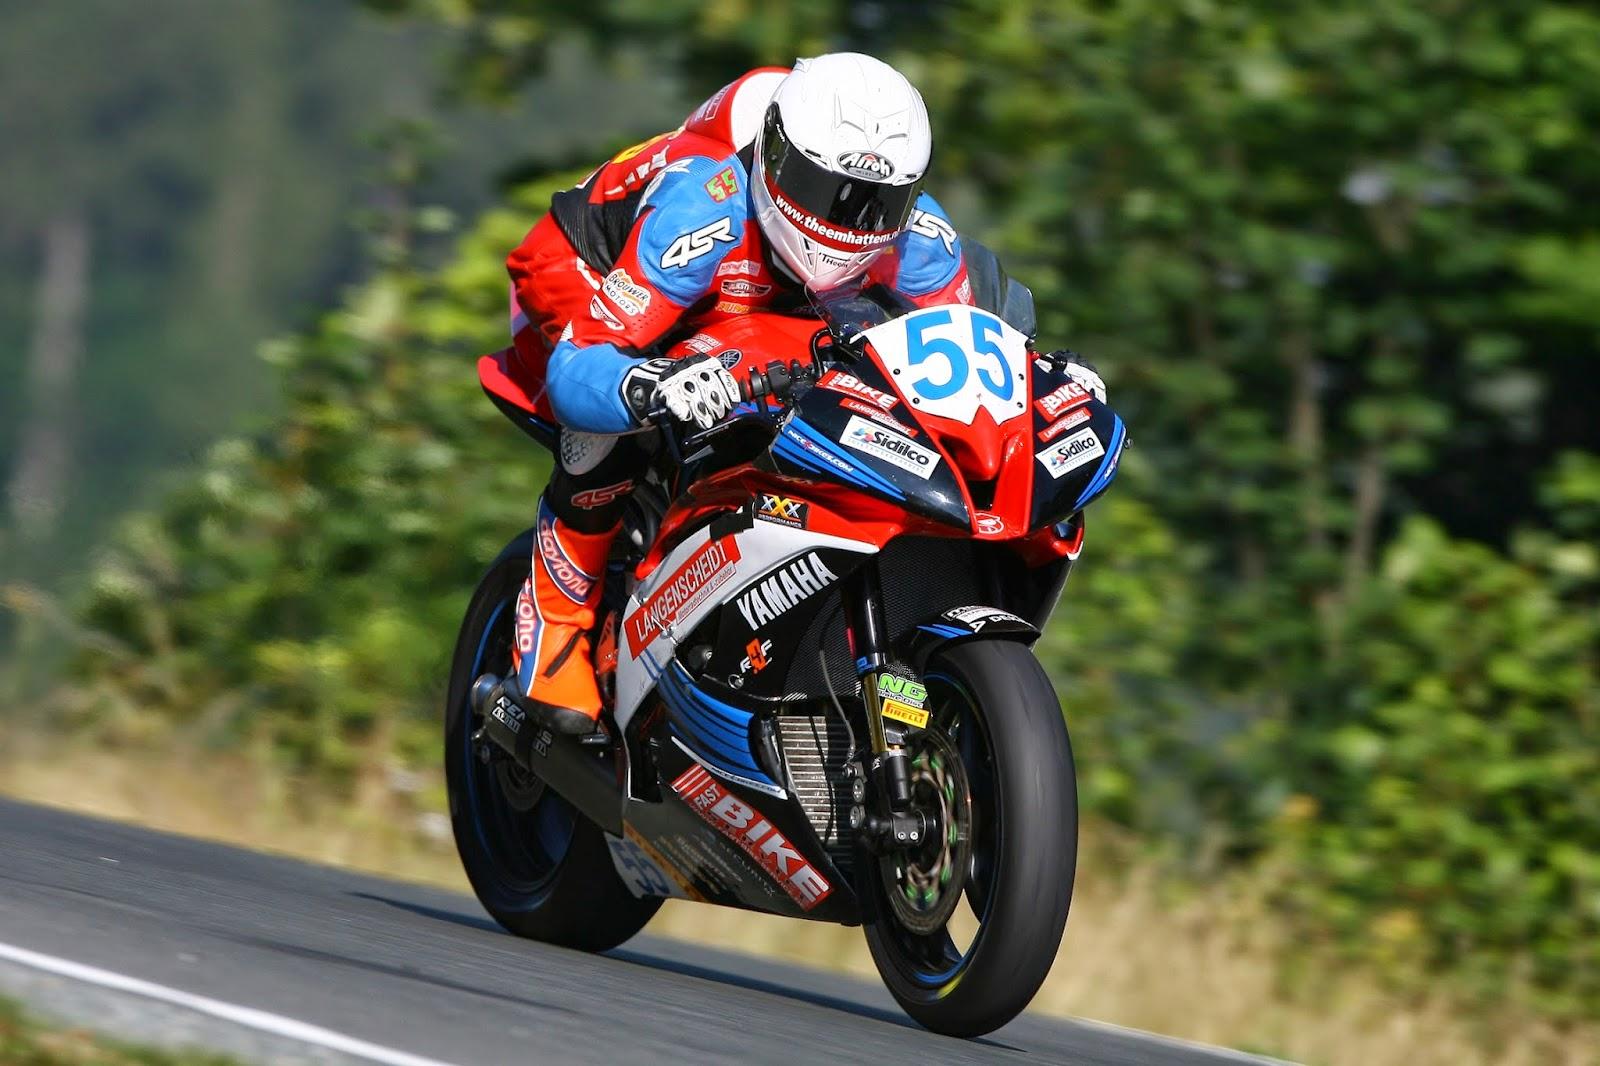 PM 0514_55 Pepijn Bijsterbosch_Langenscheidt Racing by FBS